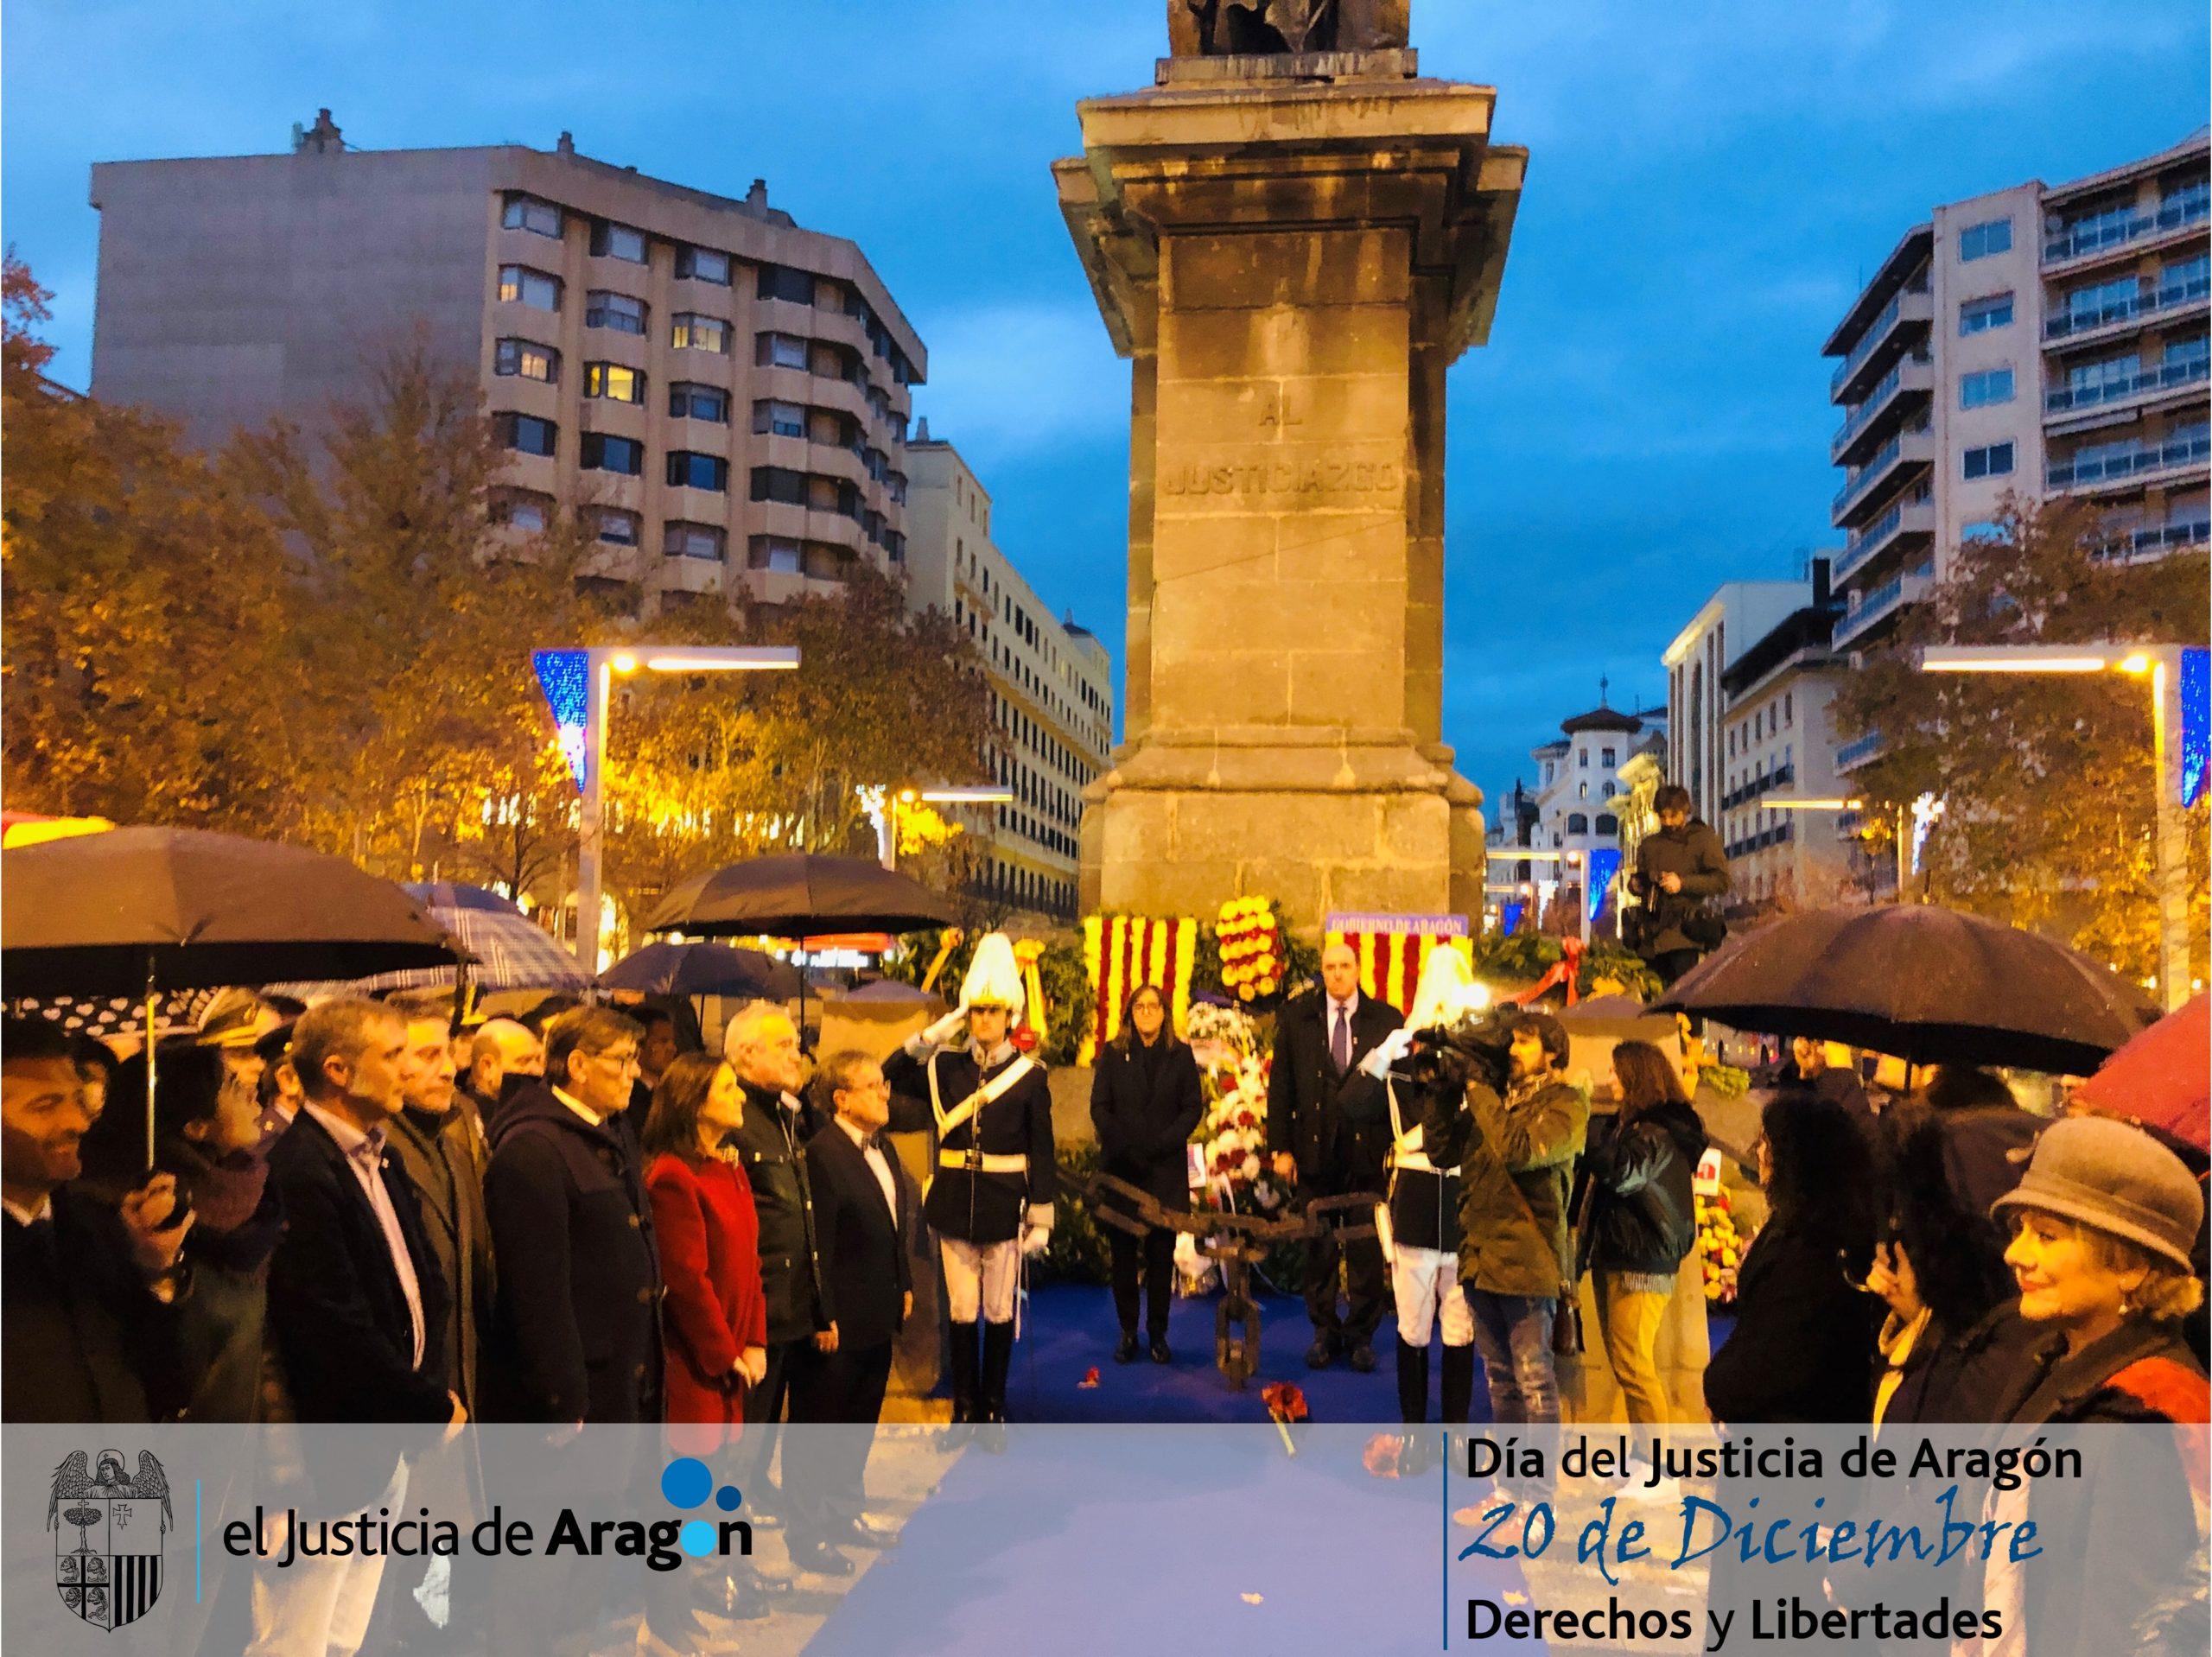 El Justicia de Aragón celebra a lo largo de toda esta semana el 20 de Diciembre con actos culturales y divulgativos